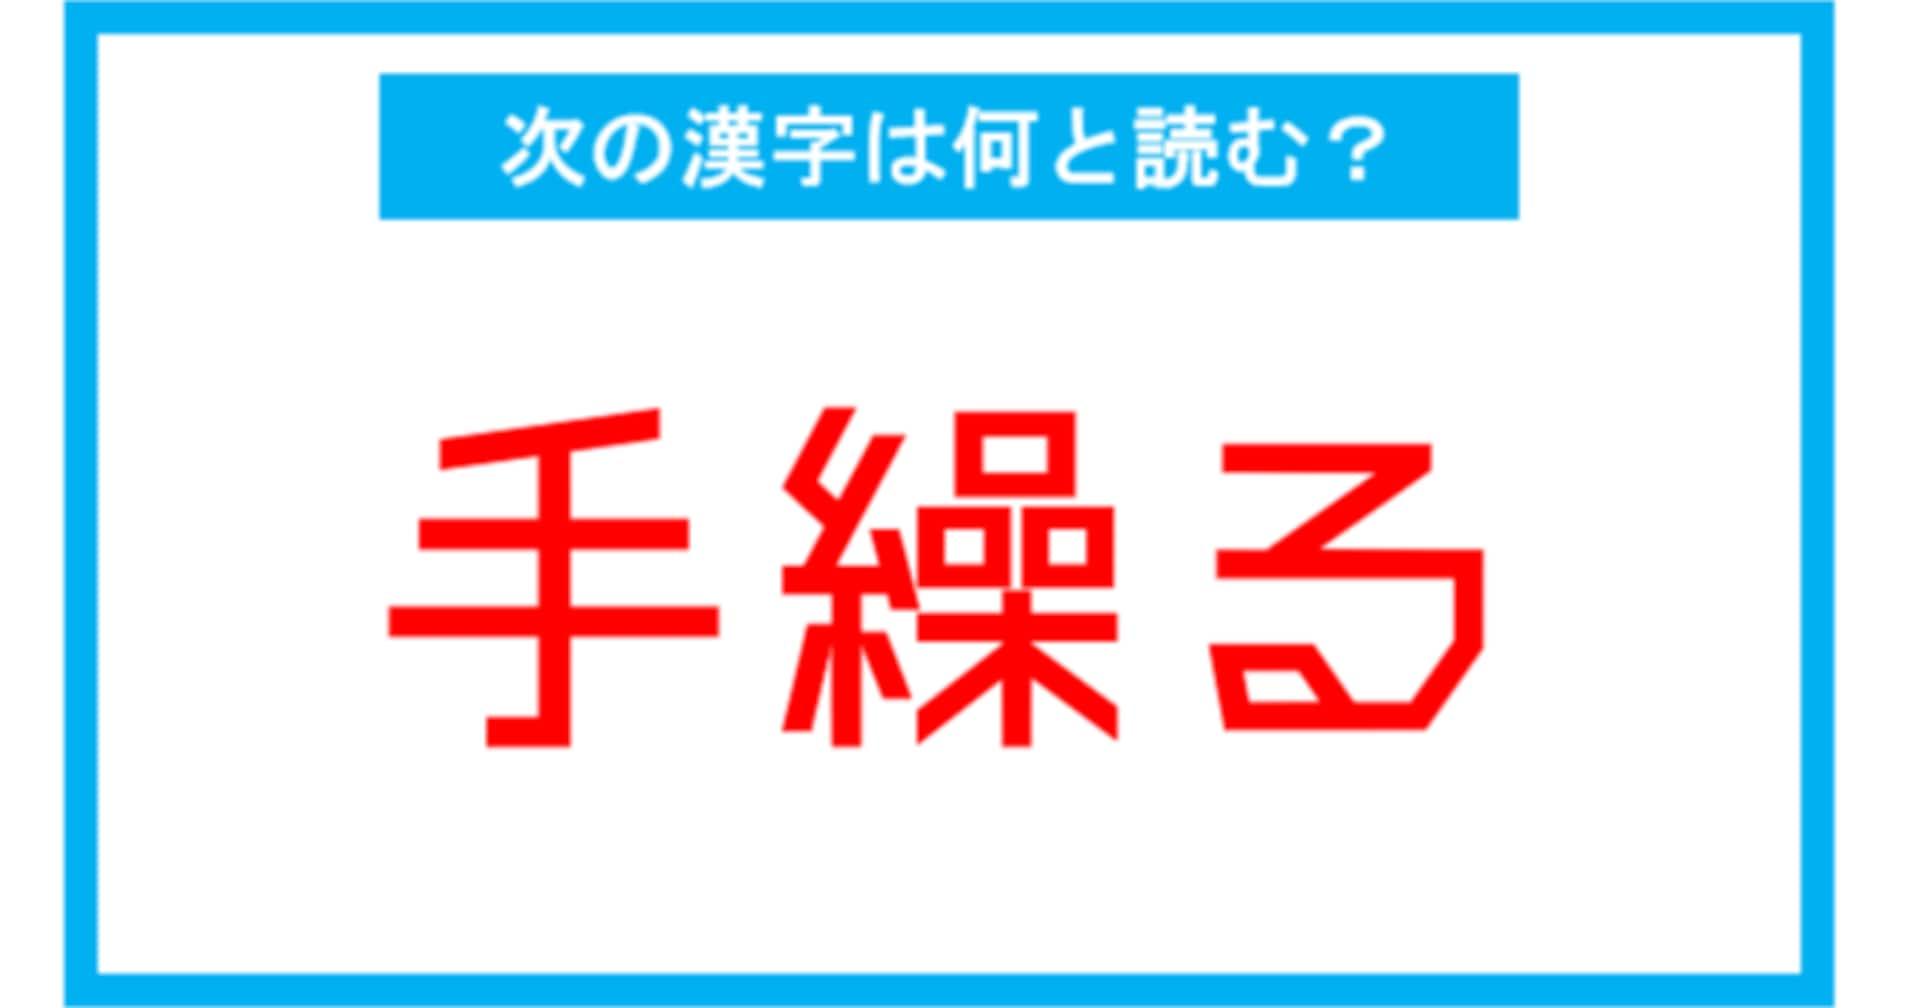 【読み間違いの多い漢字】「手繰る」←この漢字、何と読む?(第192問)